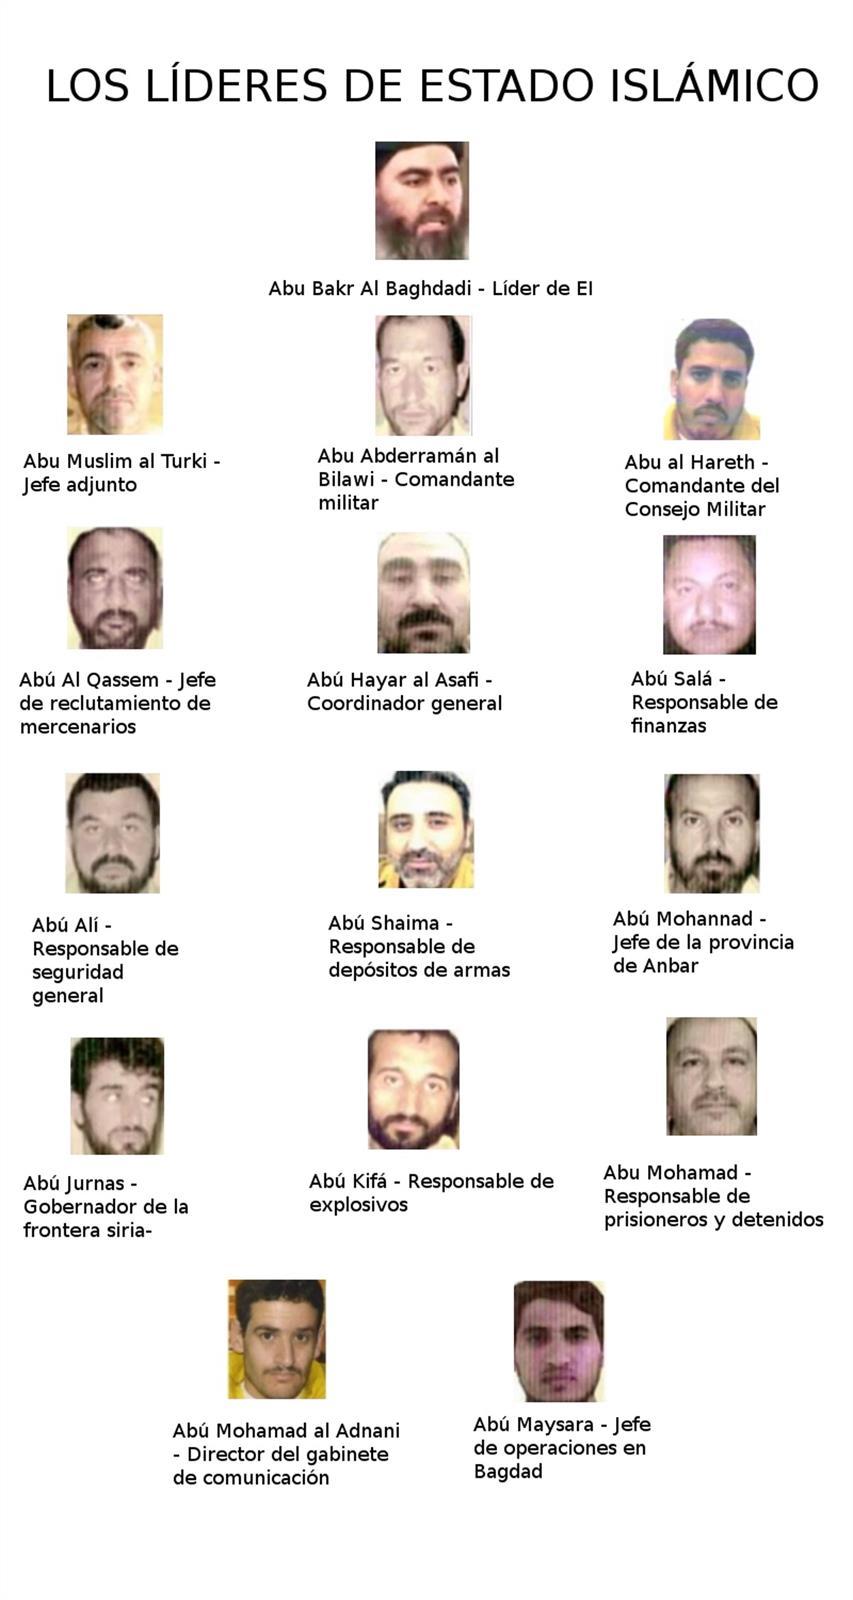 Tabla de líderes de Estado Islámico